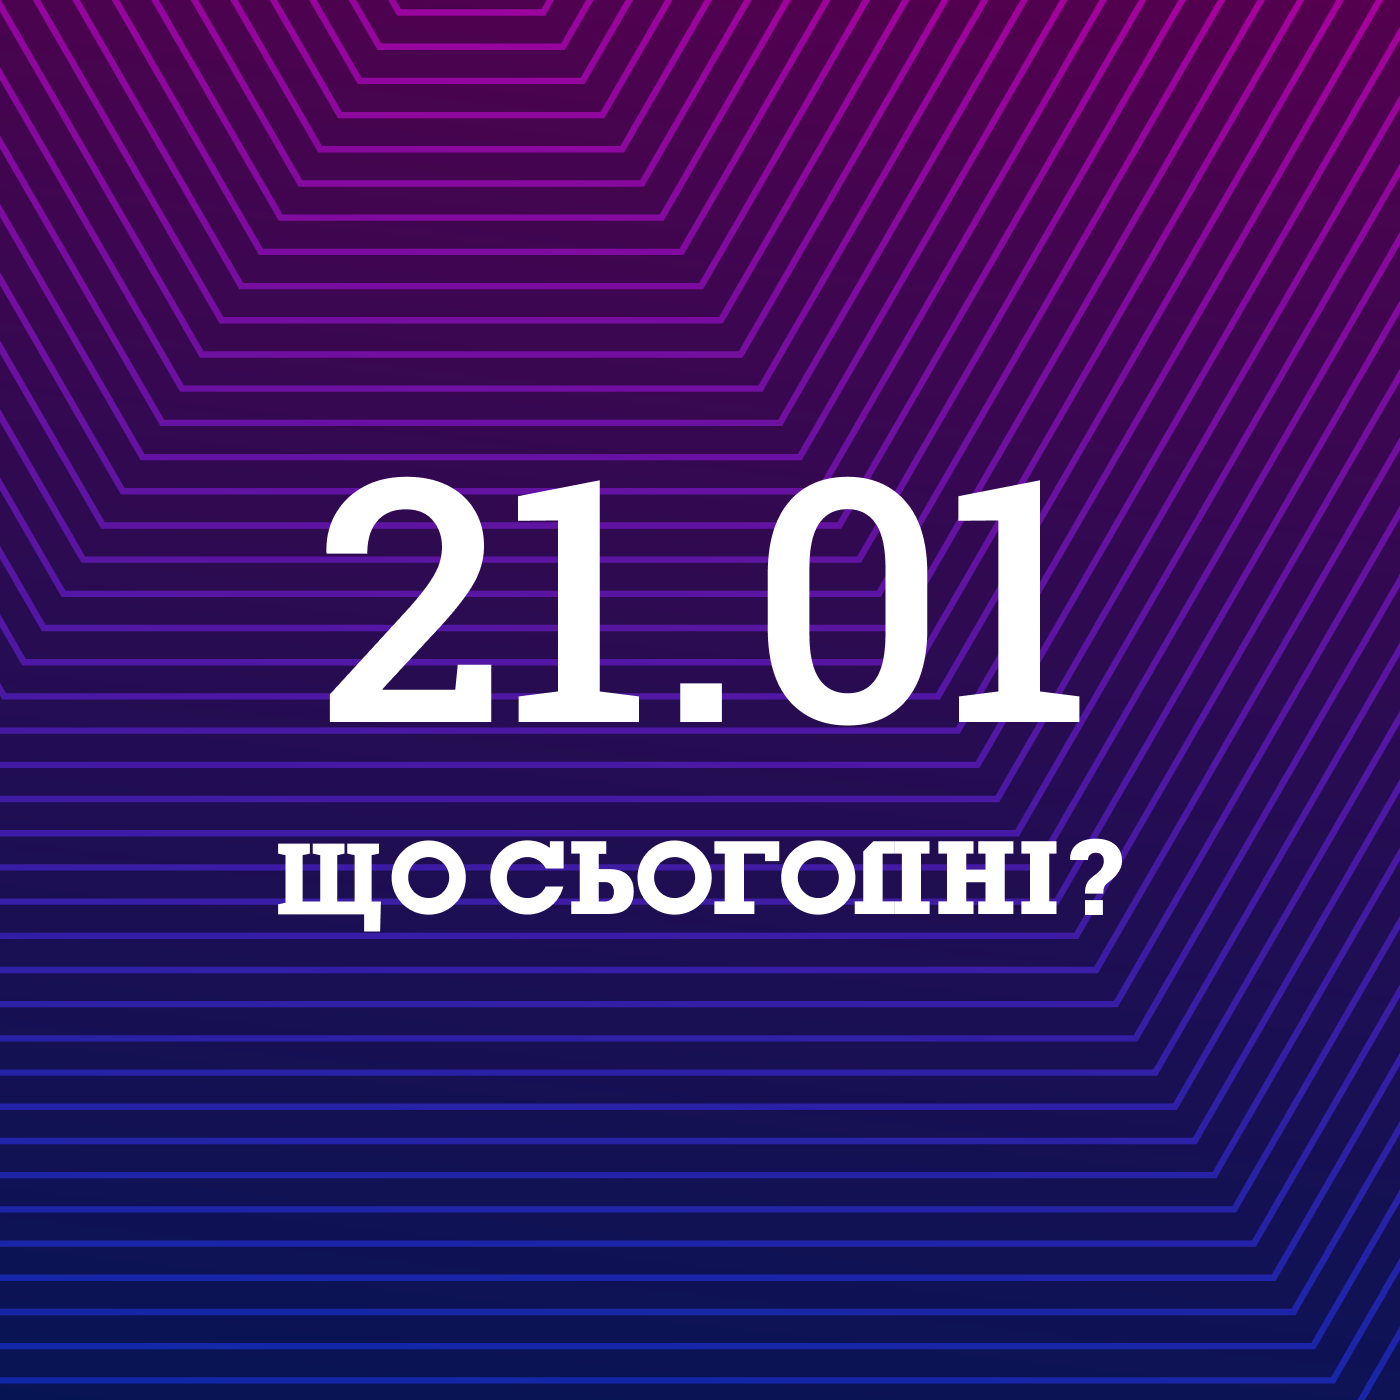 Что сегодня: когда ждать Байдена в Киеве и где брать вакцины от COVID